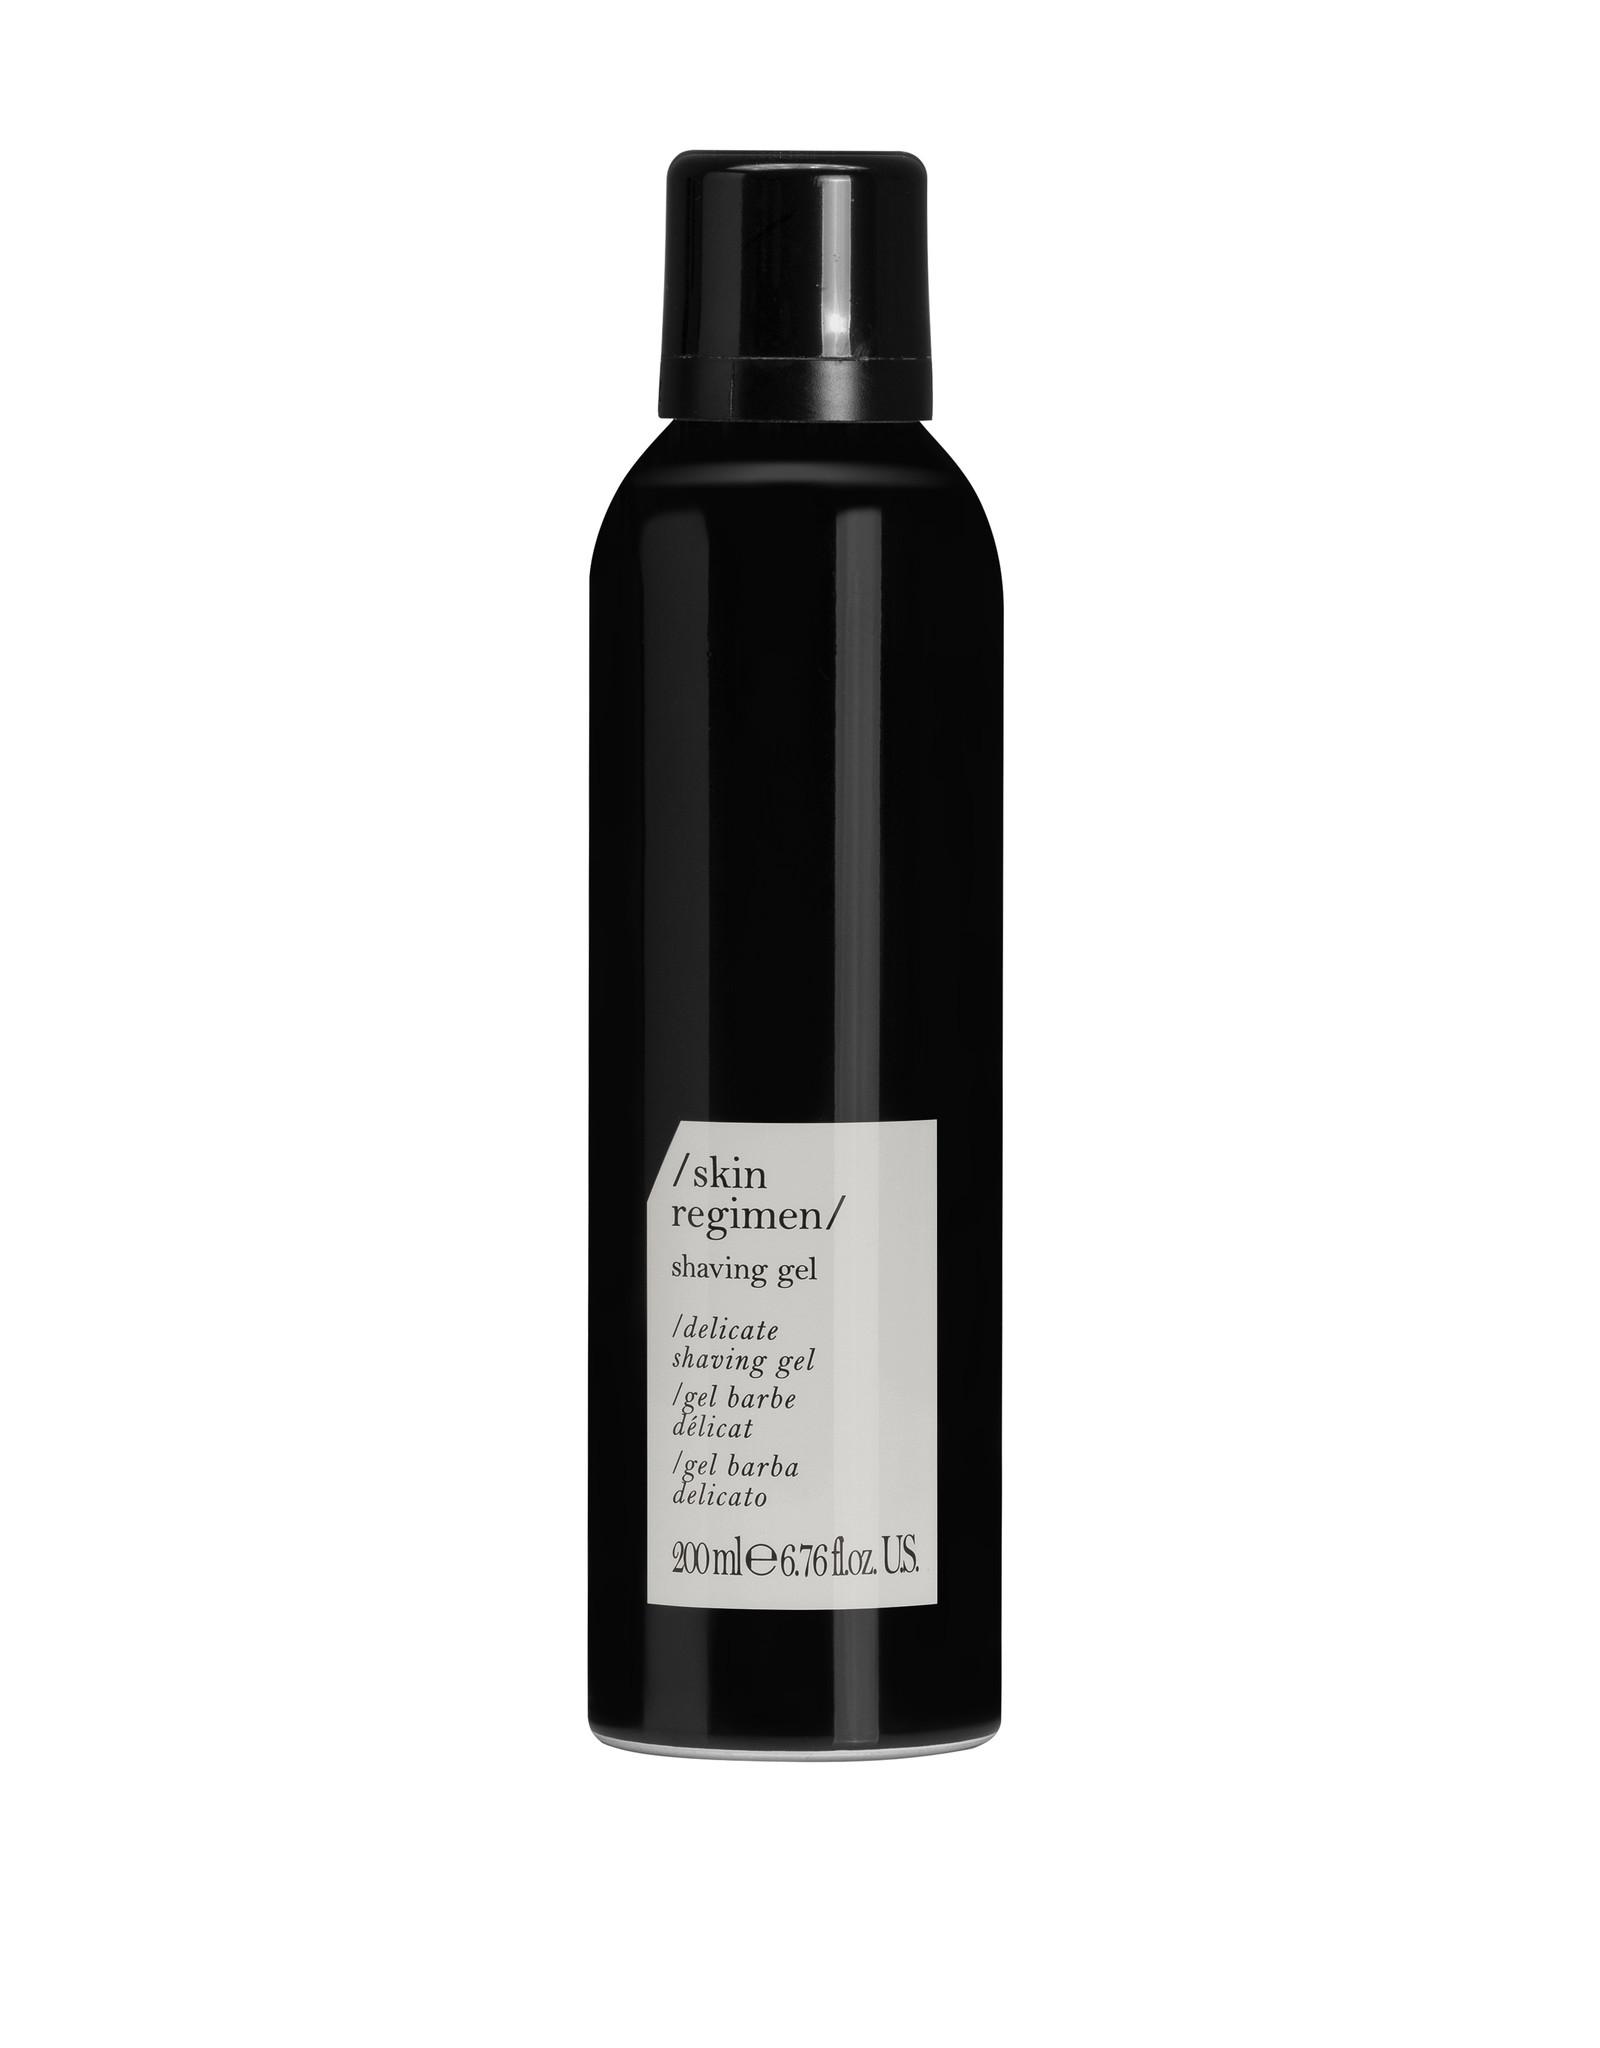 /Skin Regimen/ Shaving Gel  200 ml